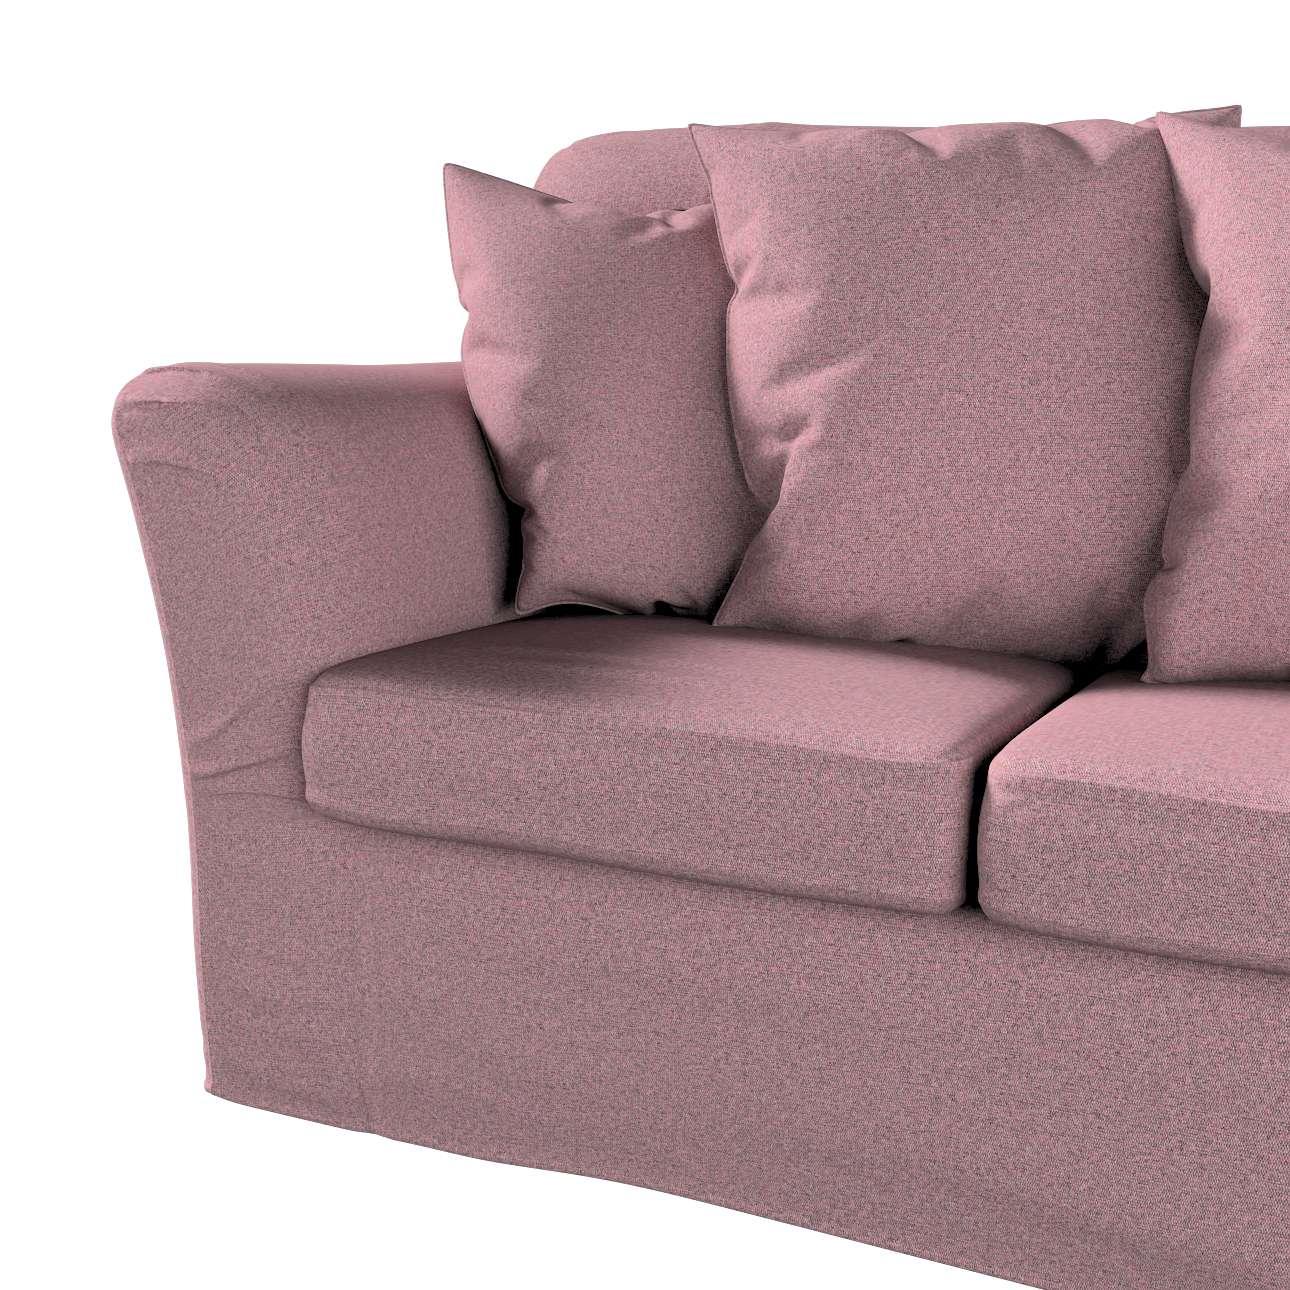 Pokrowiec na sofę Tomelilla 3-osobową nierozkładaną w kolekcji Amsterdam, tkanina: 704-48